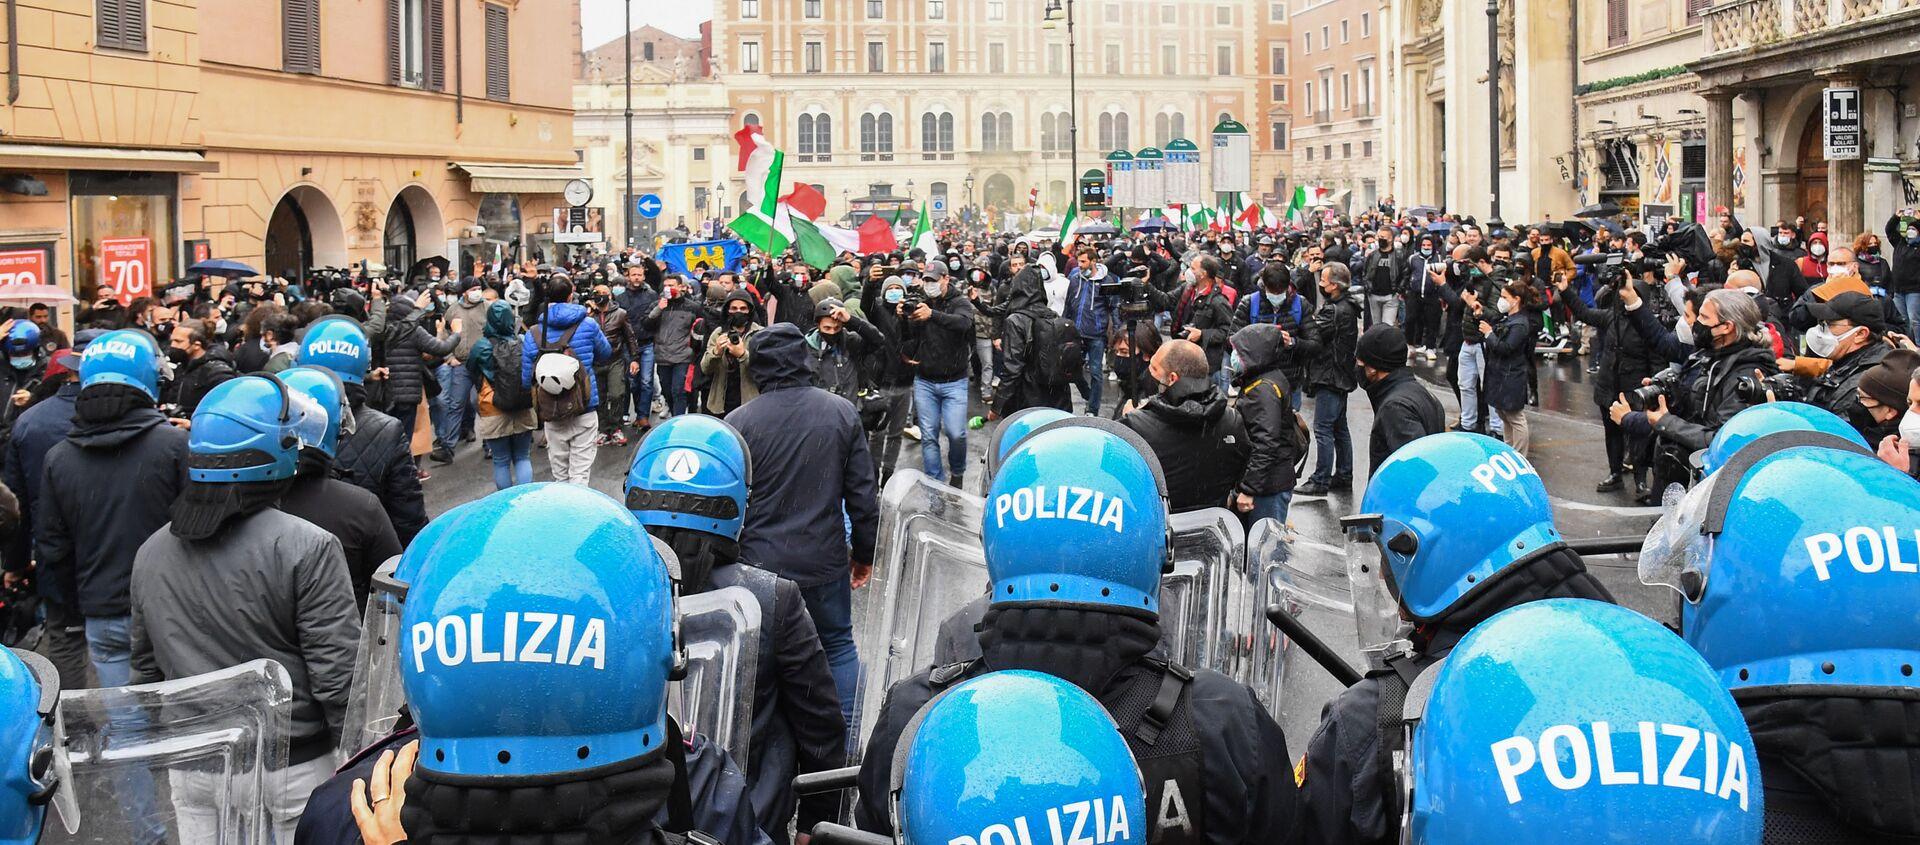 La manifestazione a Roma, il 12 aprile del 2021 - Sputnik Italia, 1920, 14.04.2021